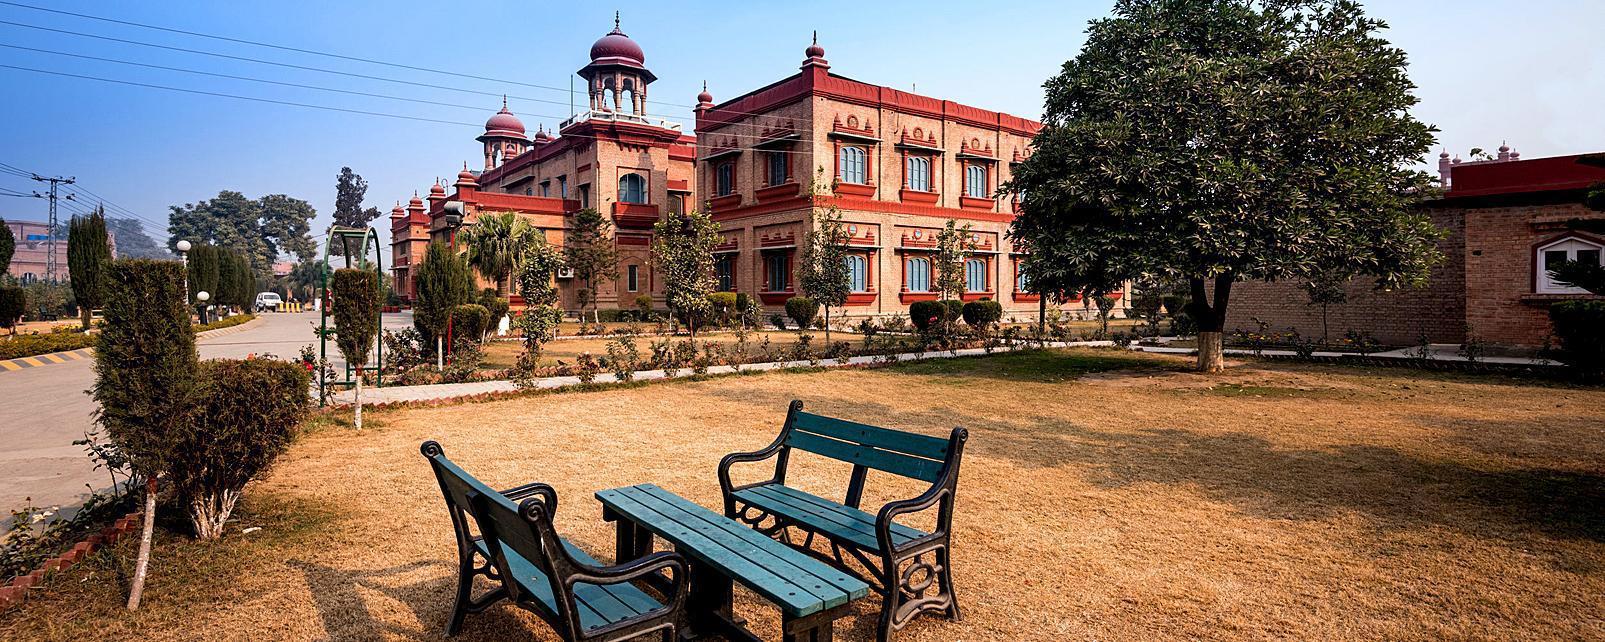 Tiempo en peshawar pakist n mejor poca para viajar easyviajar - Tiempo en pakistan ...